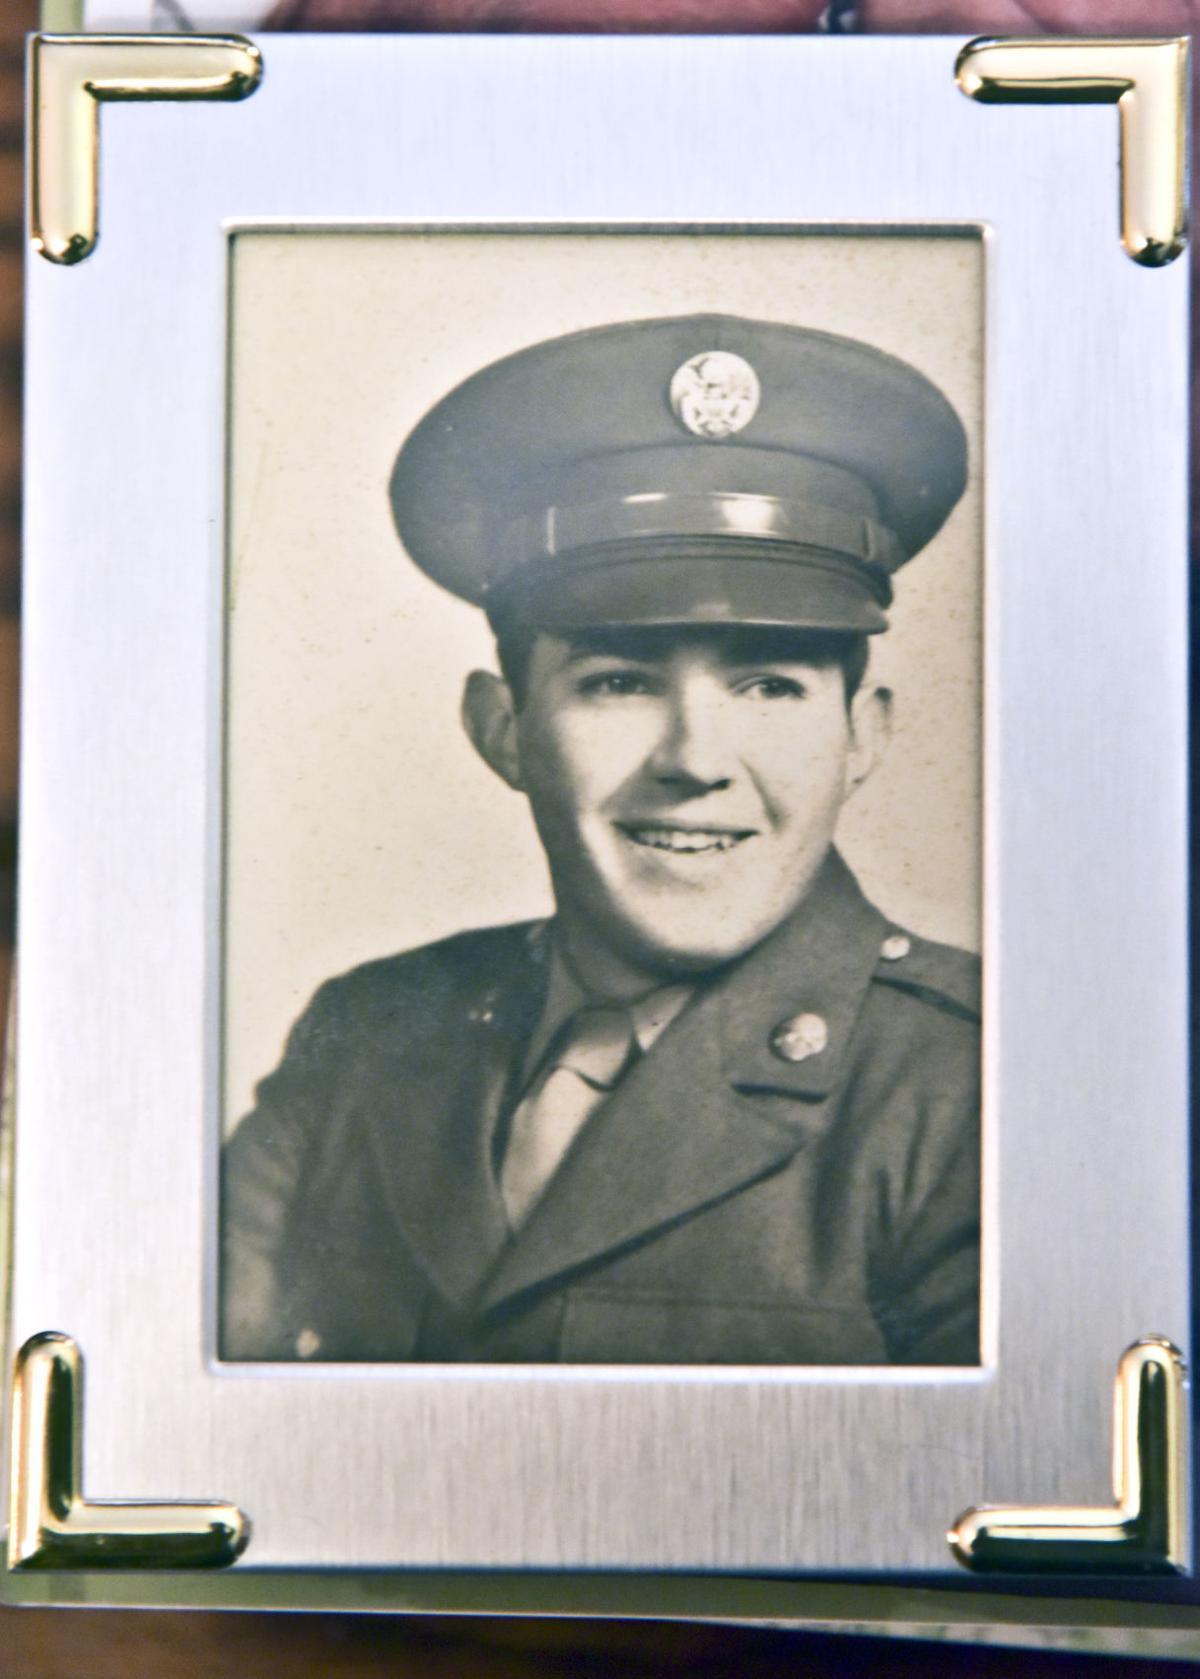 Stories of Honor - Charles Shuler Sr.